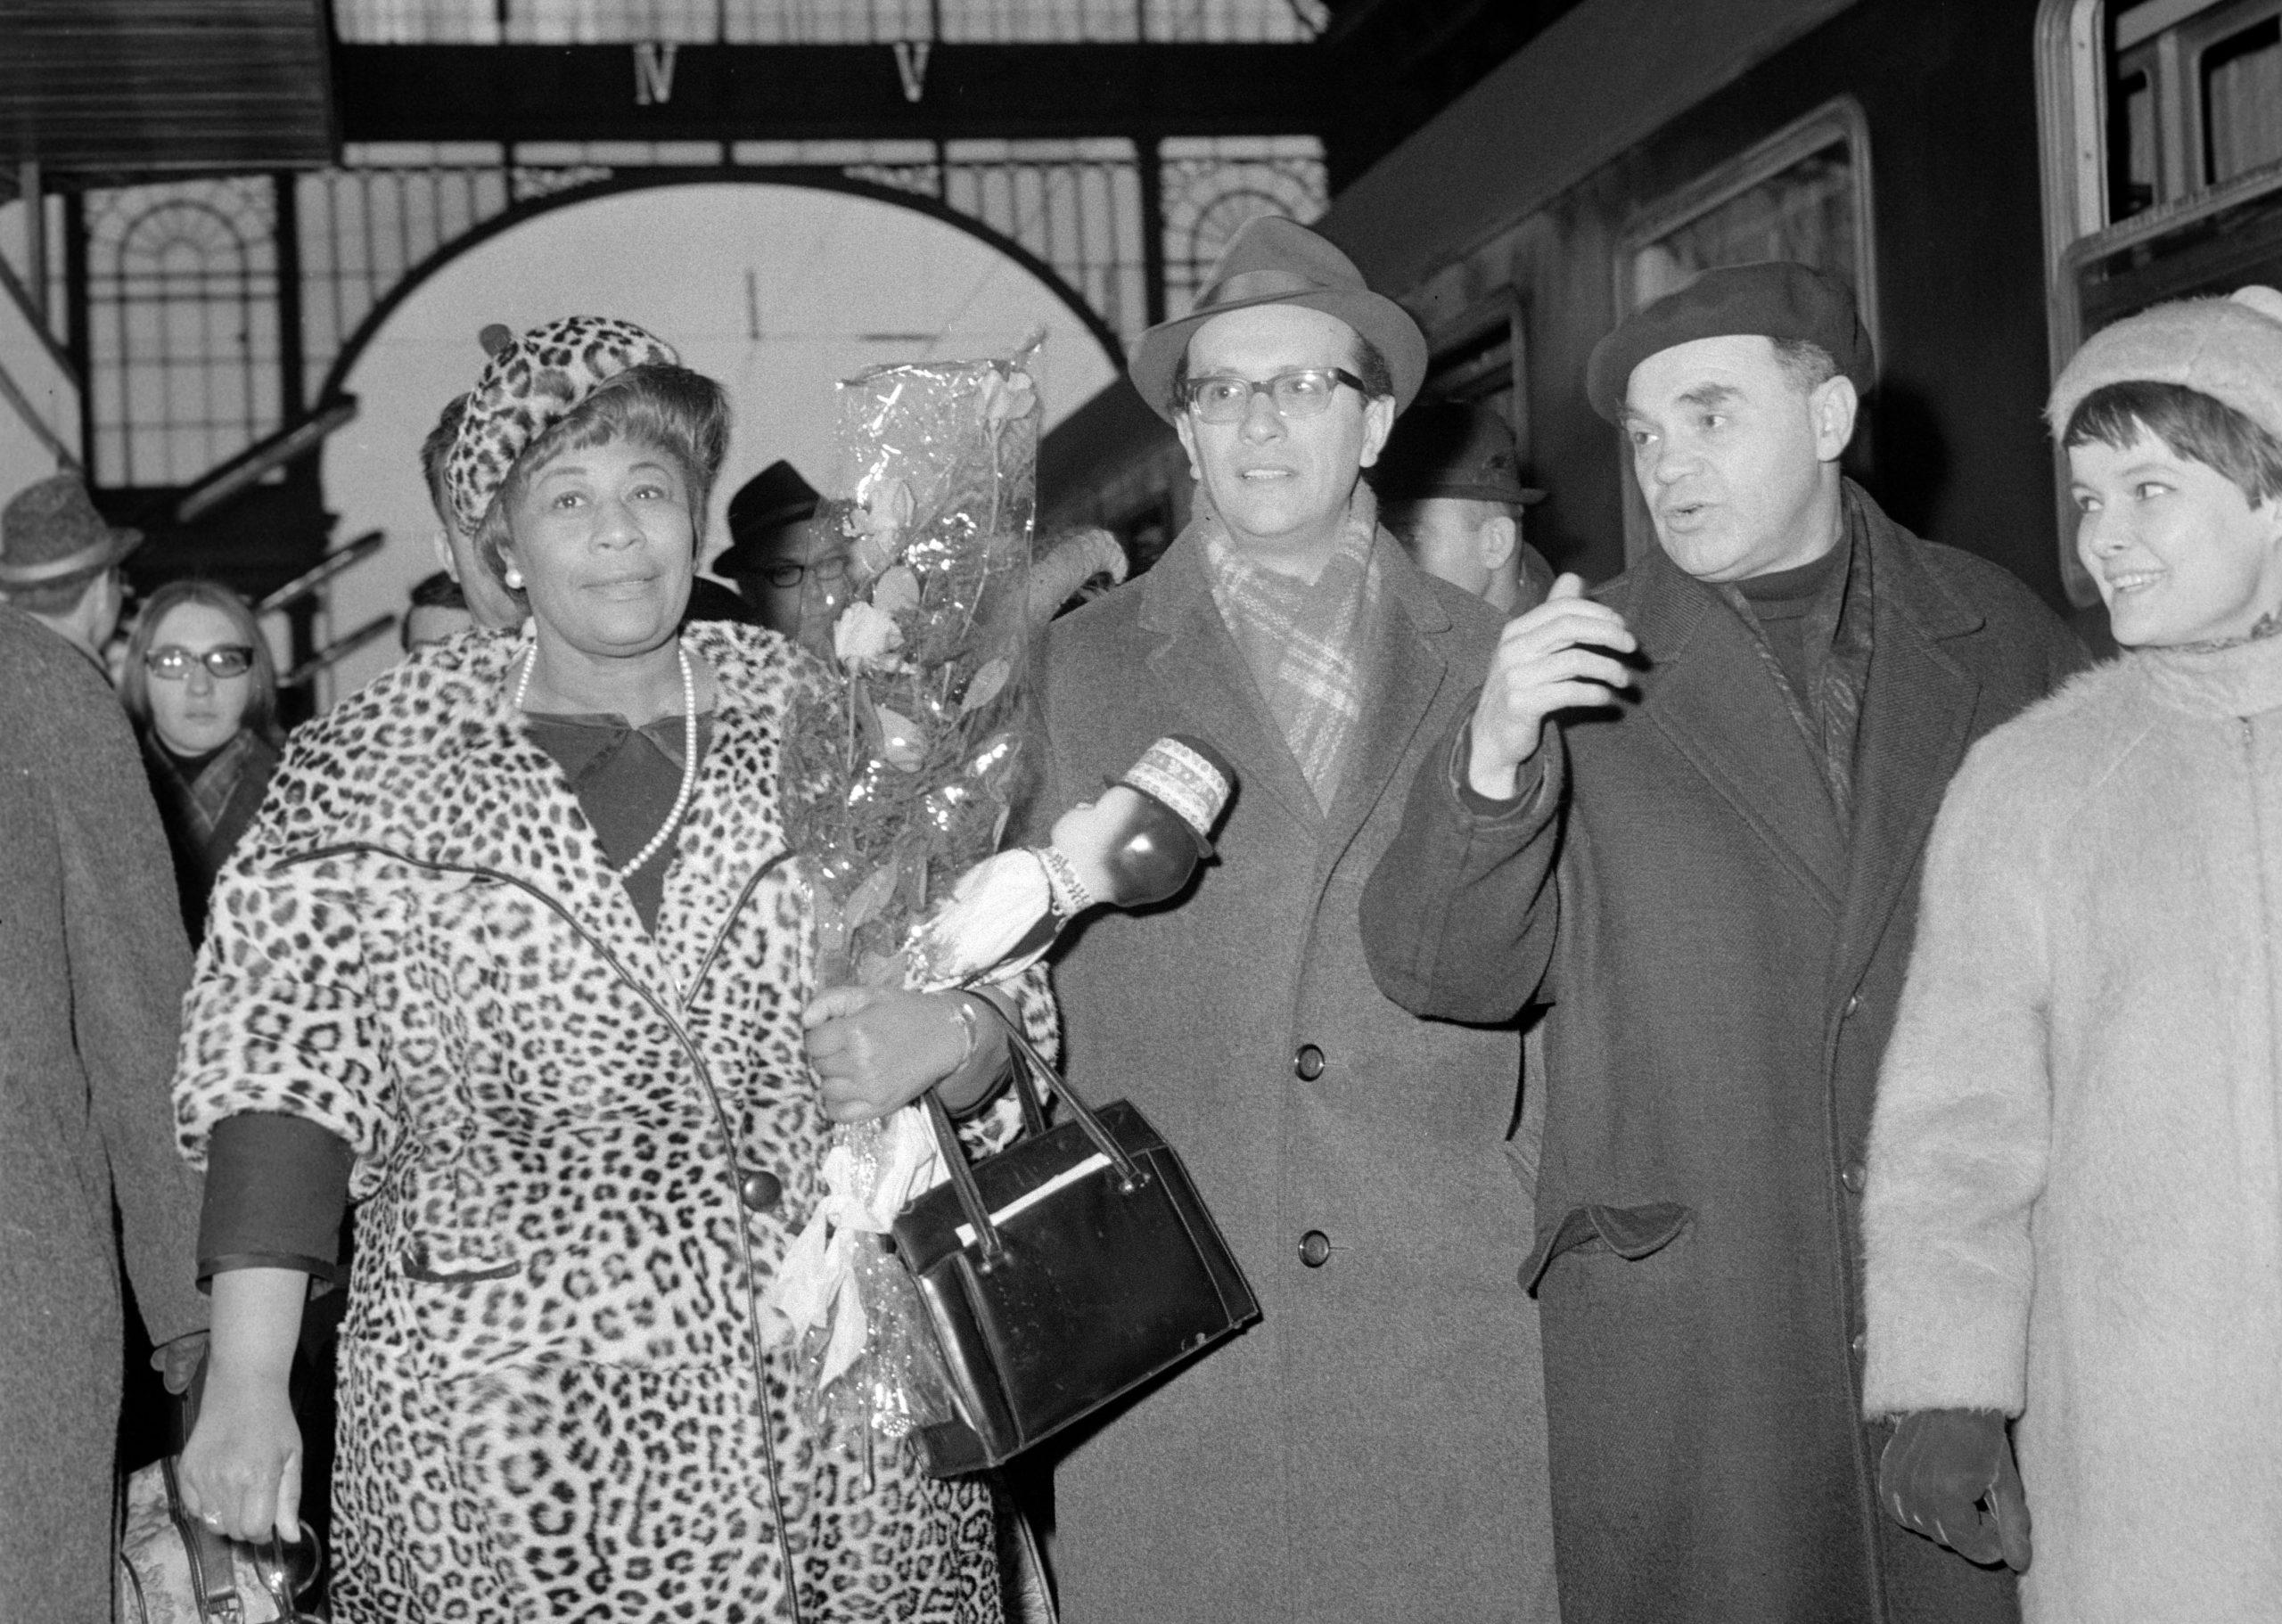 Jazz-legenda és a kommunista hálózat emberei. Ella Fitzgerald világhírû jazzénekesnõt Keszler Pál, az Országos Rendezõ Iroda (ORI) (szemüvegben, kalapban), Bánki László, a Nemzetközi Koncertiroda (sapkában) vezetõje és Poór Klári riporternõ fogadták a Keleti pályaudvaron. / Fotó: MTI